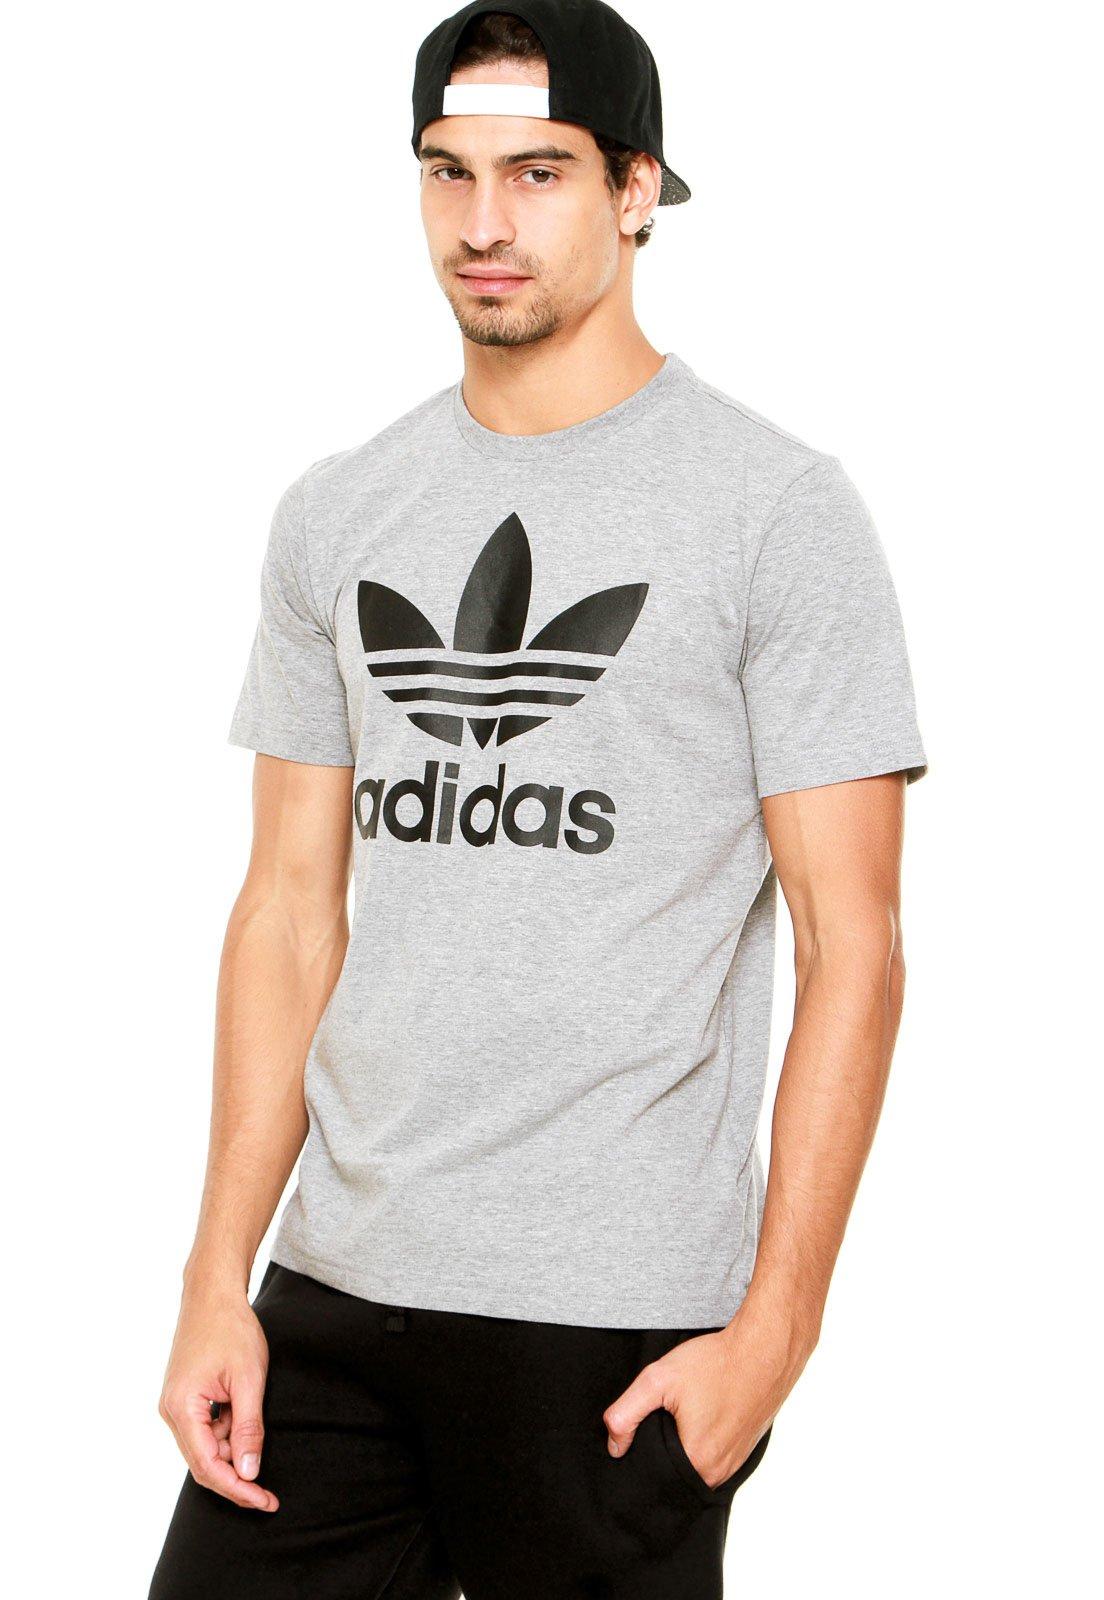 60b6bfc2e59 Camiseta adidas Originals Trefoil Cinza - Compre Agora